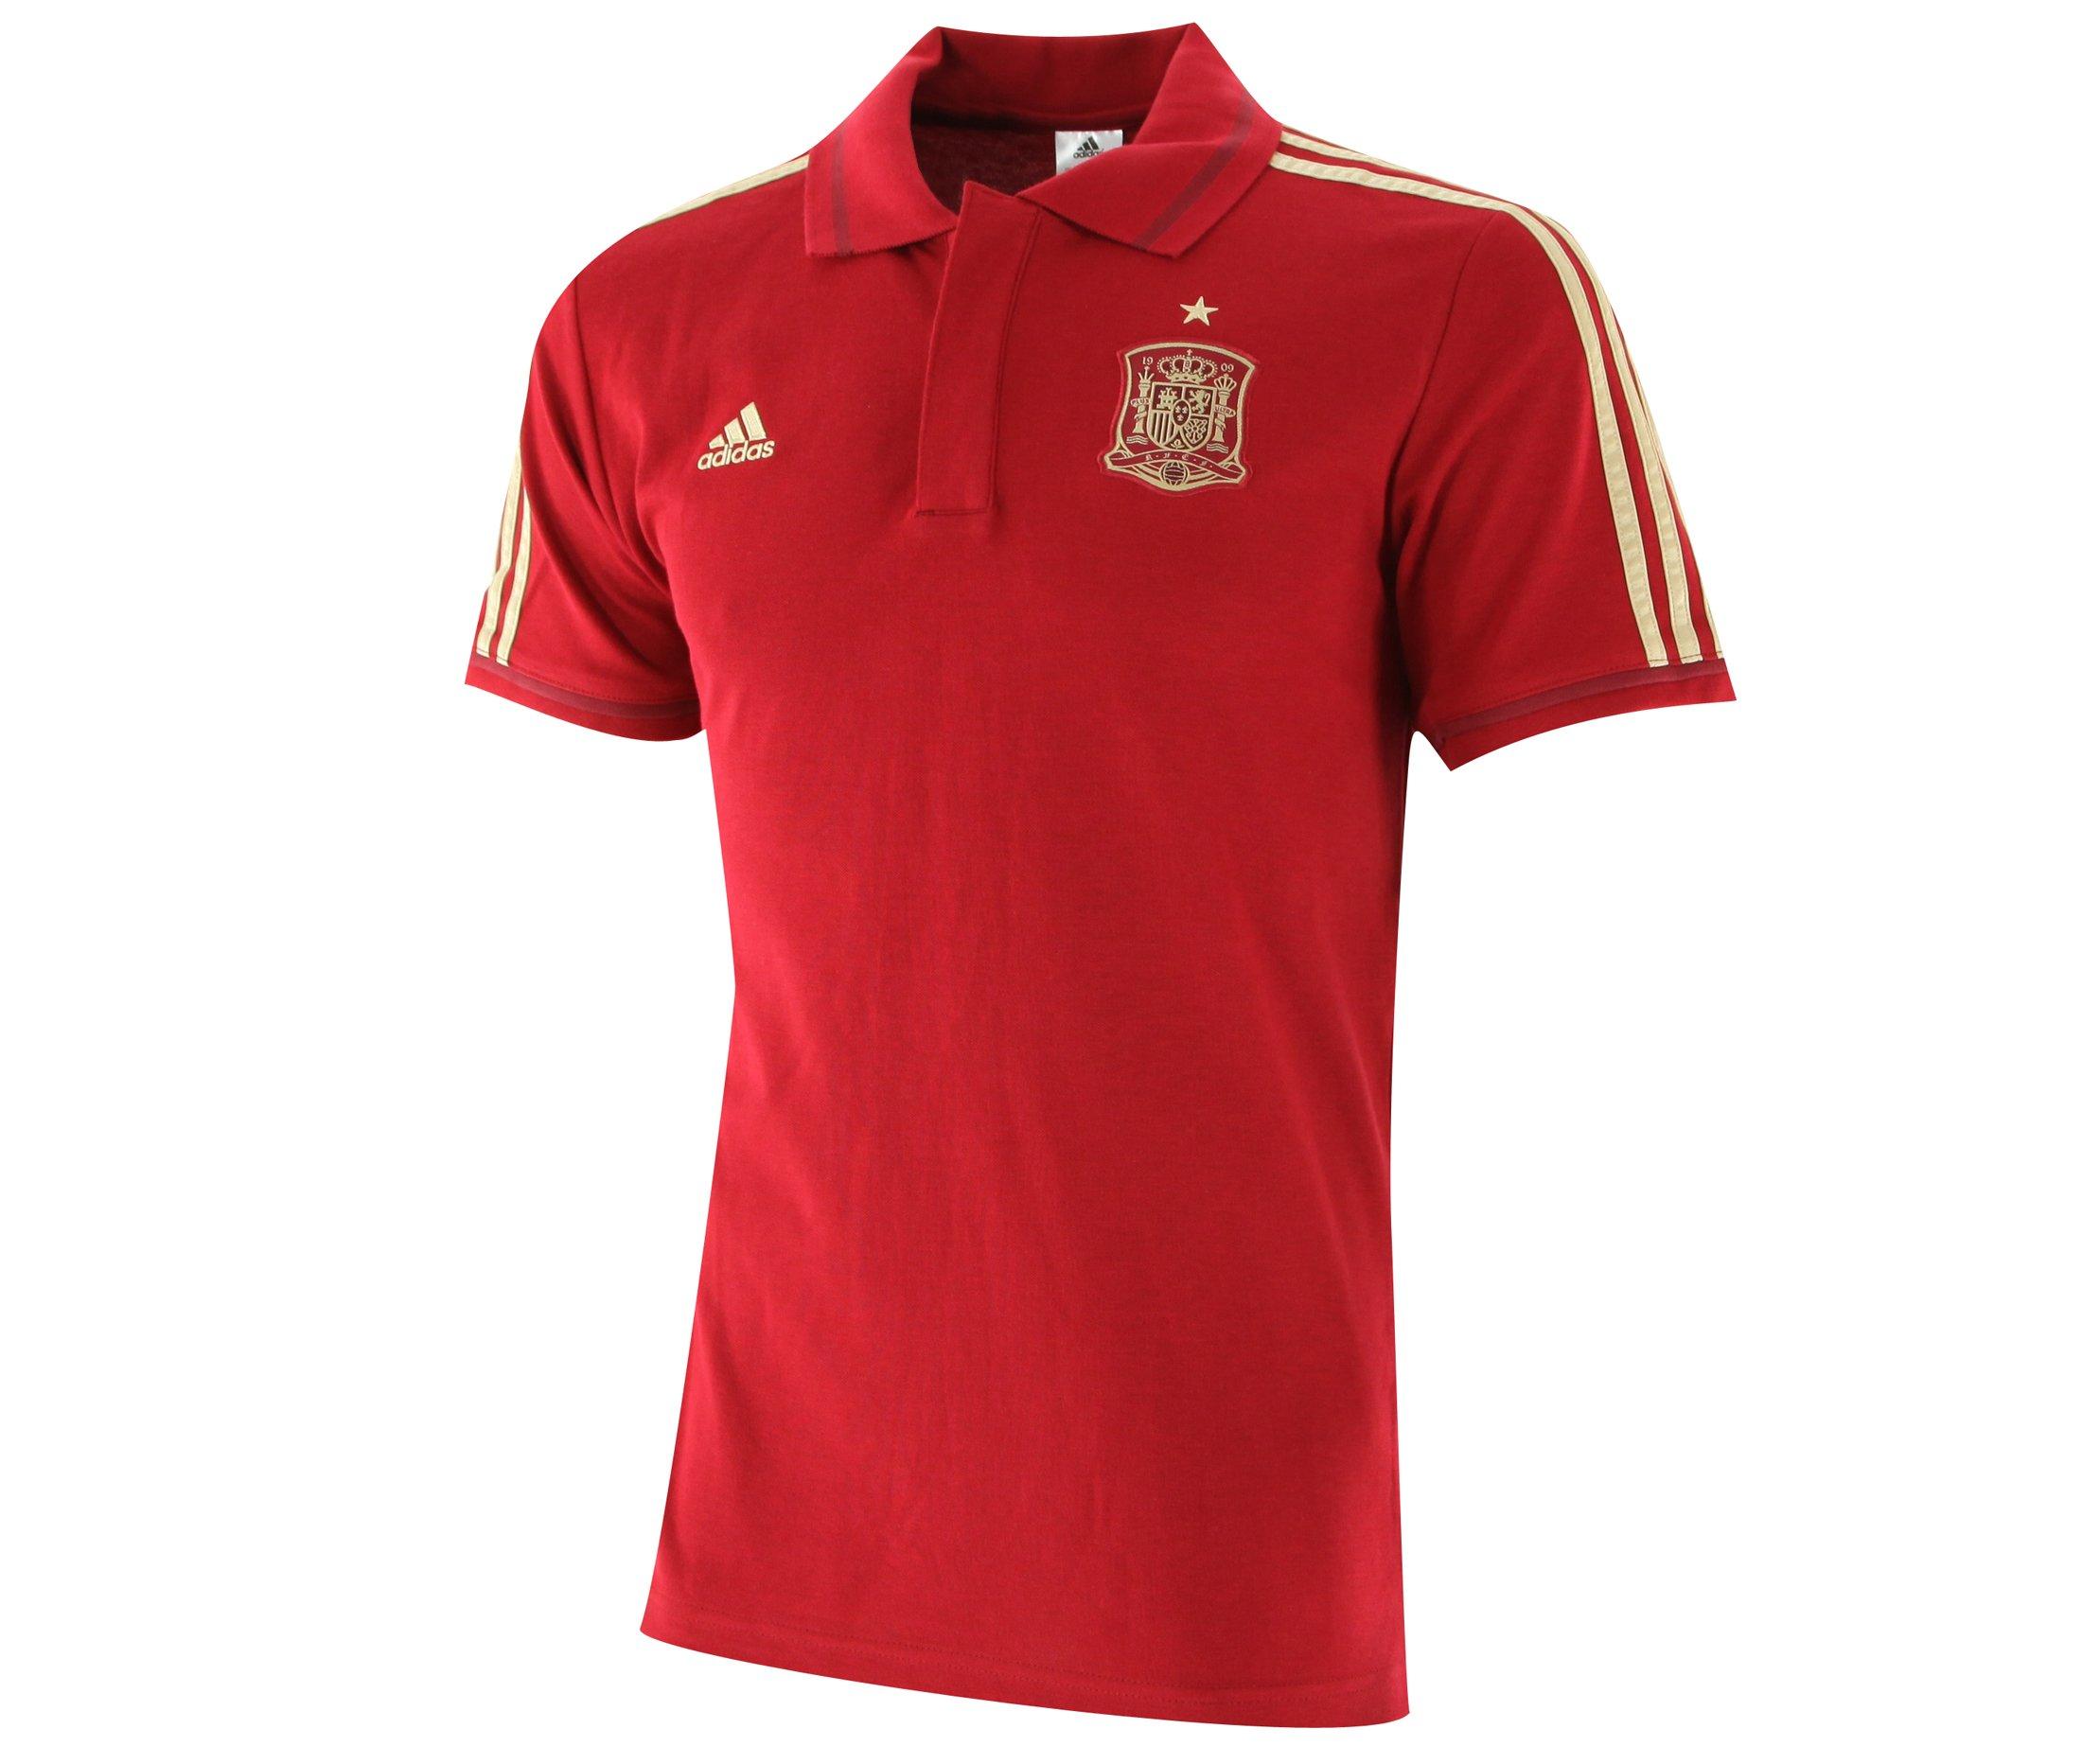 adidas - Polo De Hombre Selección Española De Fútbol 2014, Talla S: Amazon.es: Deportes y aire libre